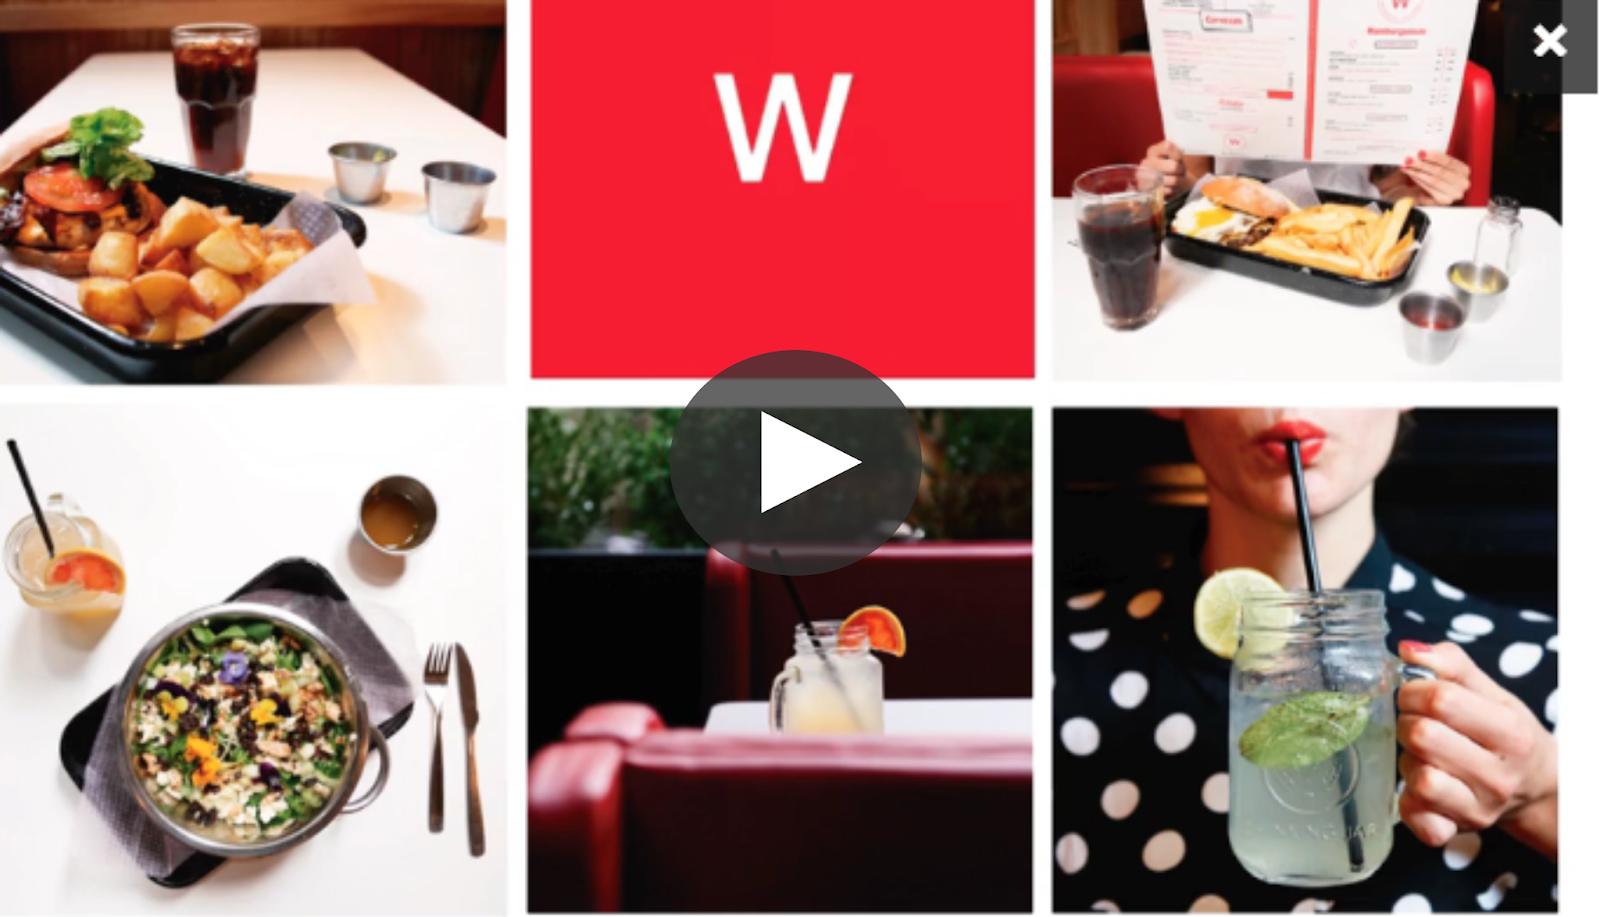 Curso de Fotografía para redes sociales: Lifestyle branding en Instagram